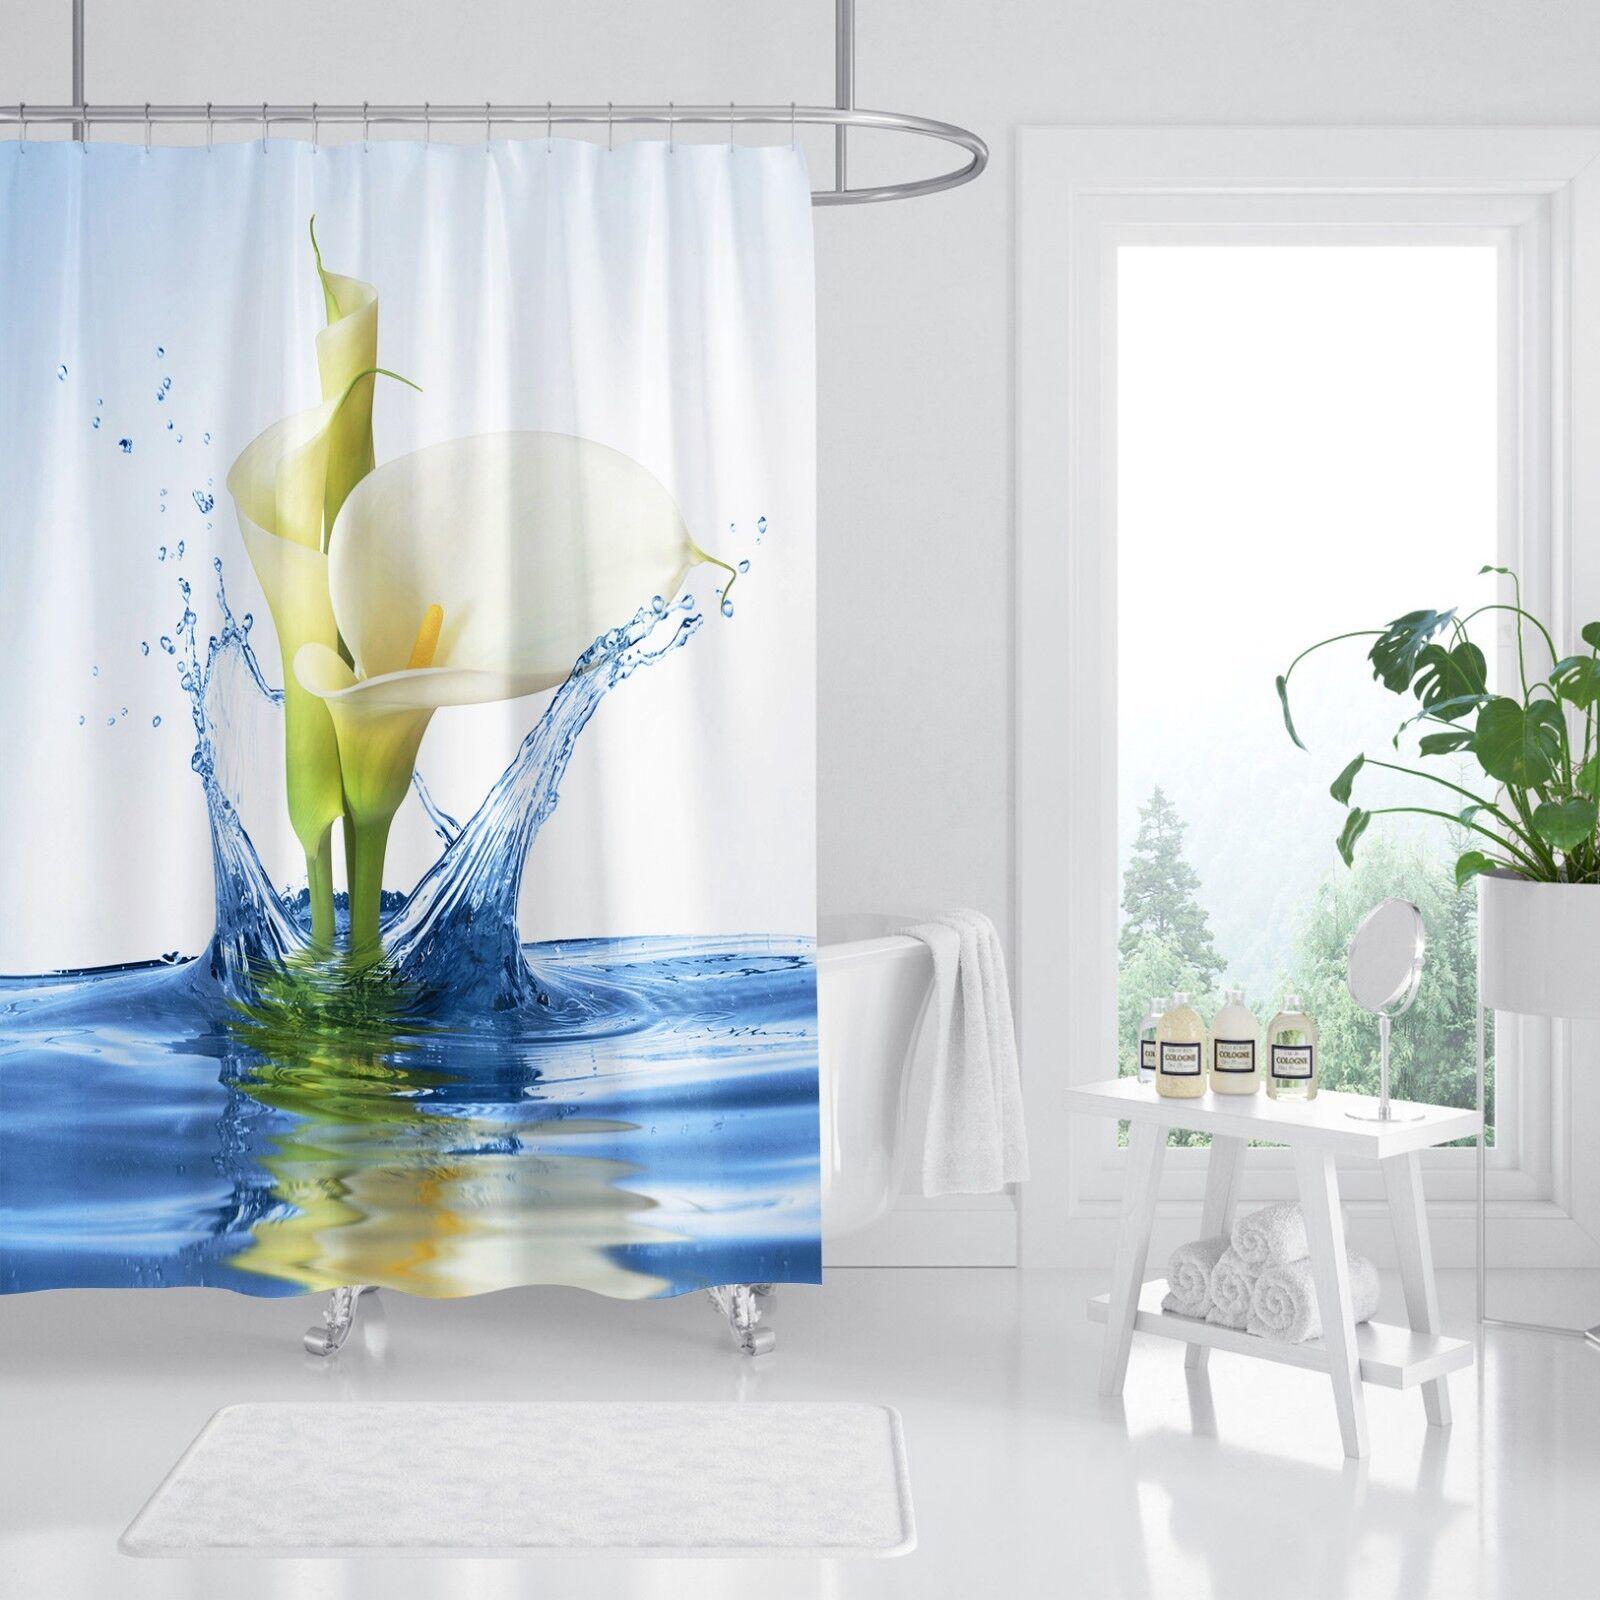 3D Water Lily ART 9 Rideau de Douche Imperméable Fibre Salle de Bain Toilette Windows